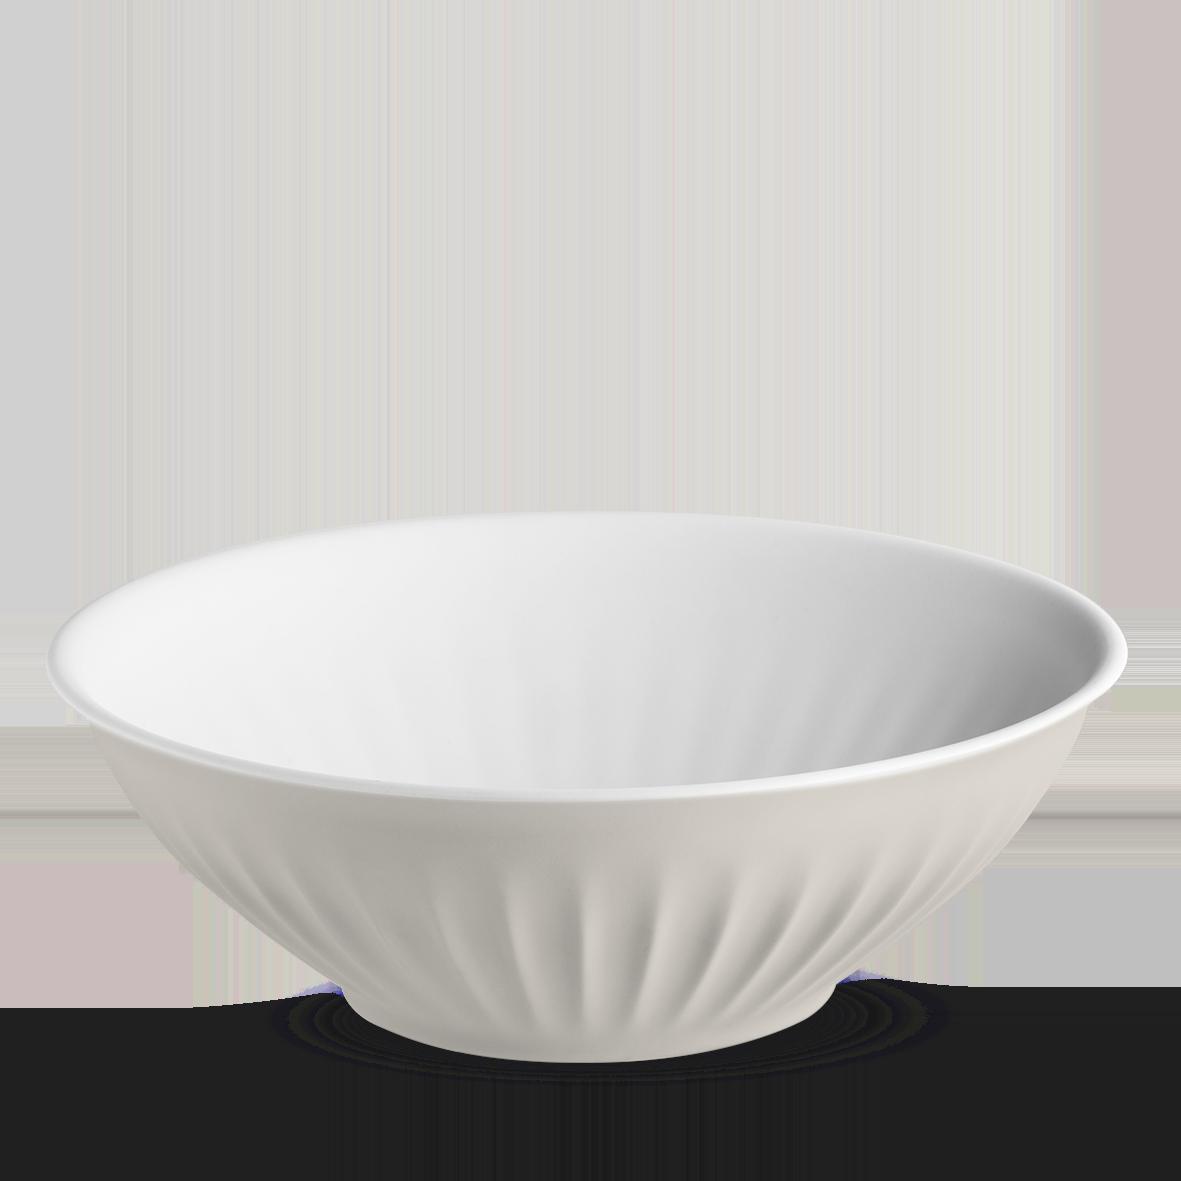 salatnik-27-sm-jasmine